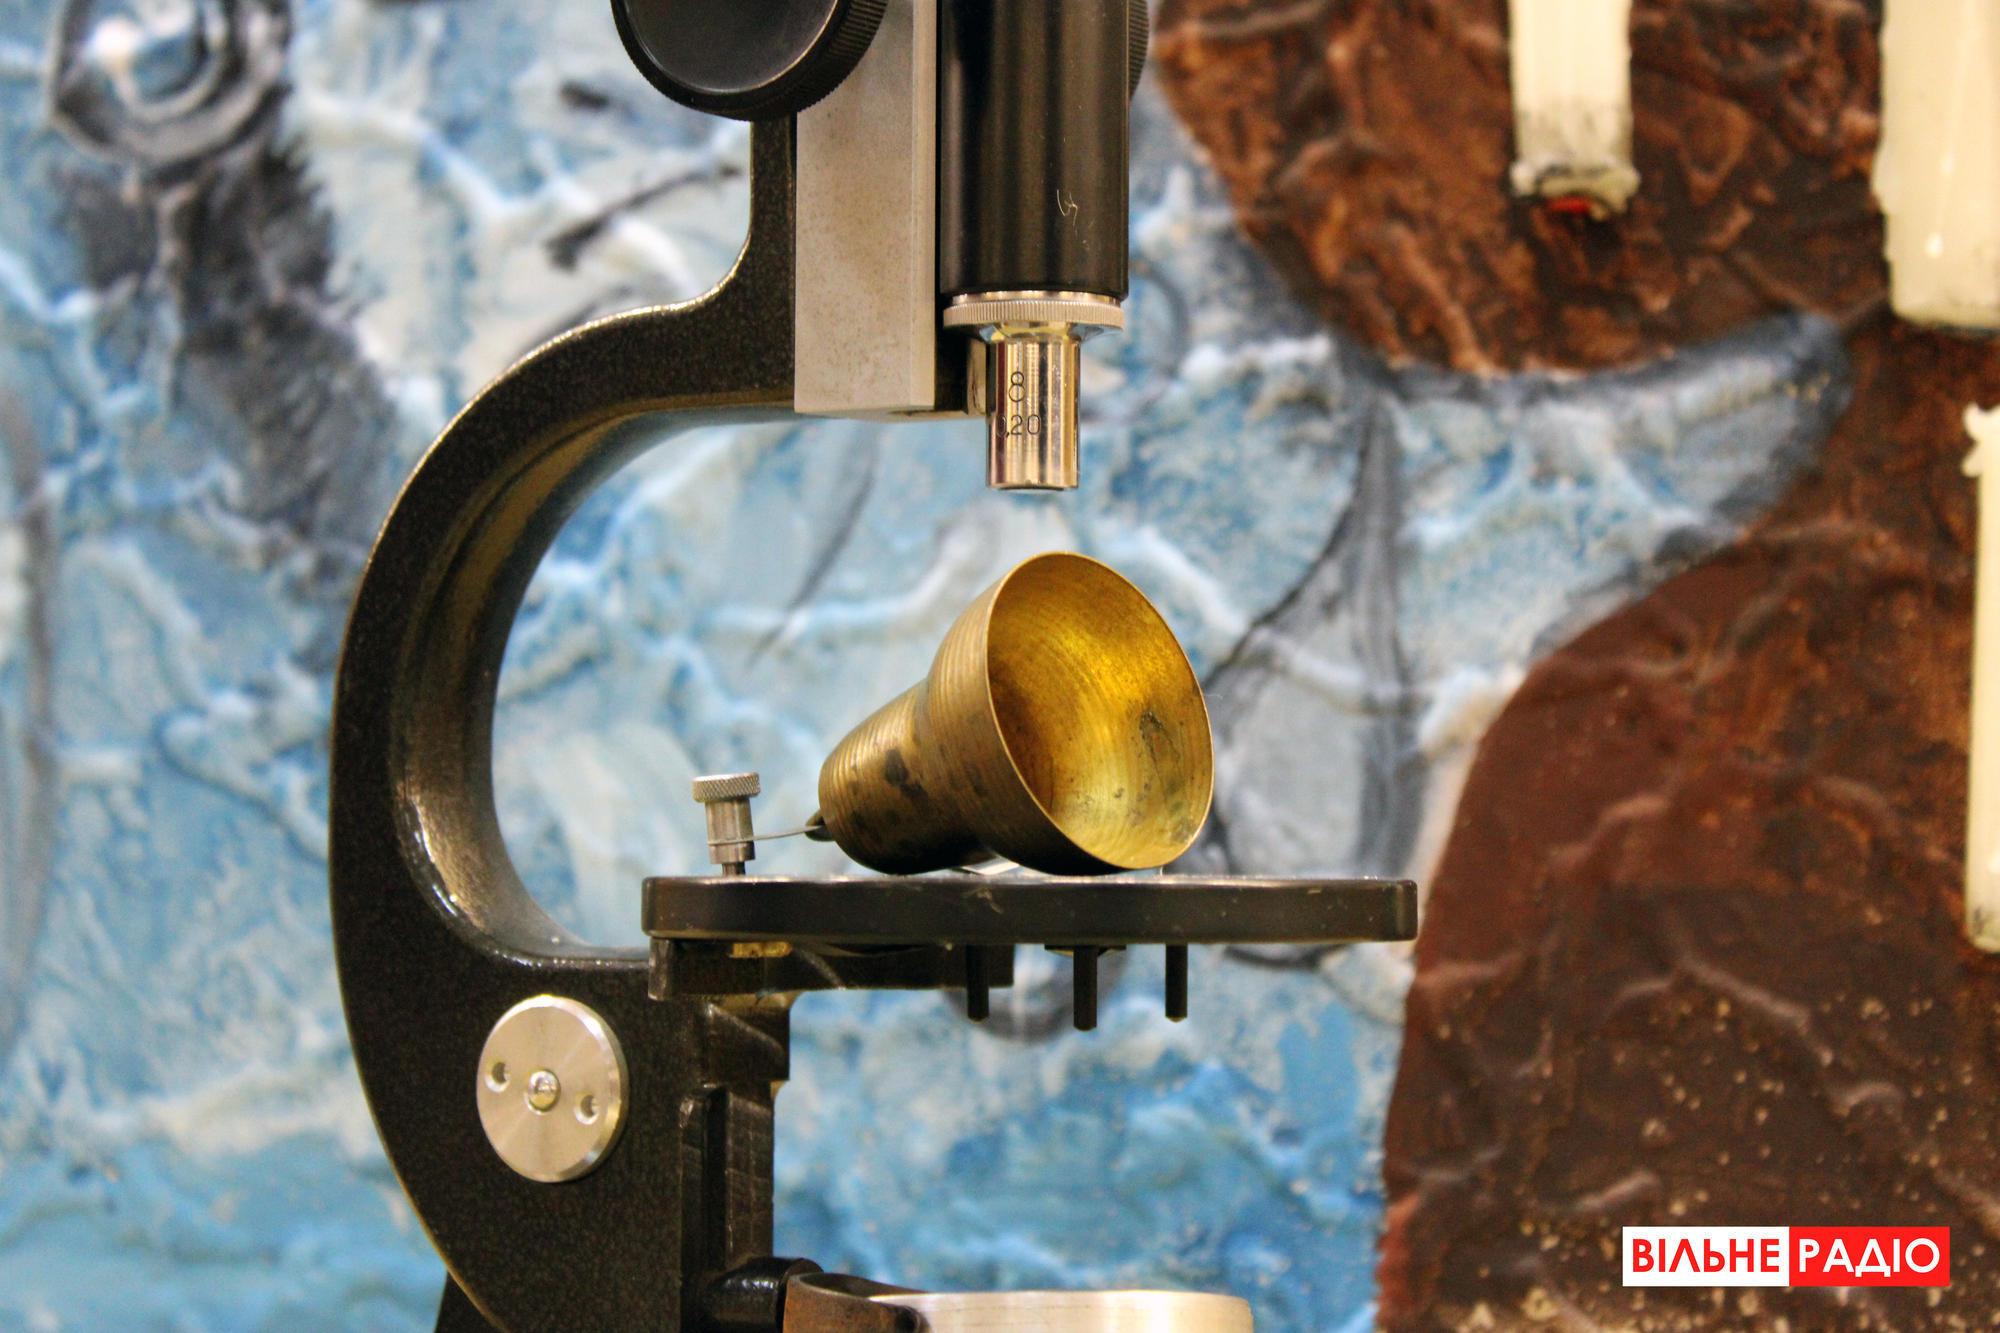 У Бахмутському краєзнавчому музеї презентували виставку робіт авангардистів